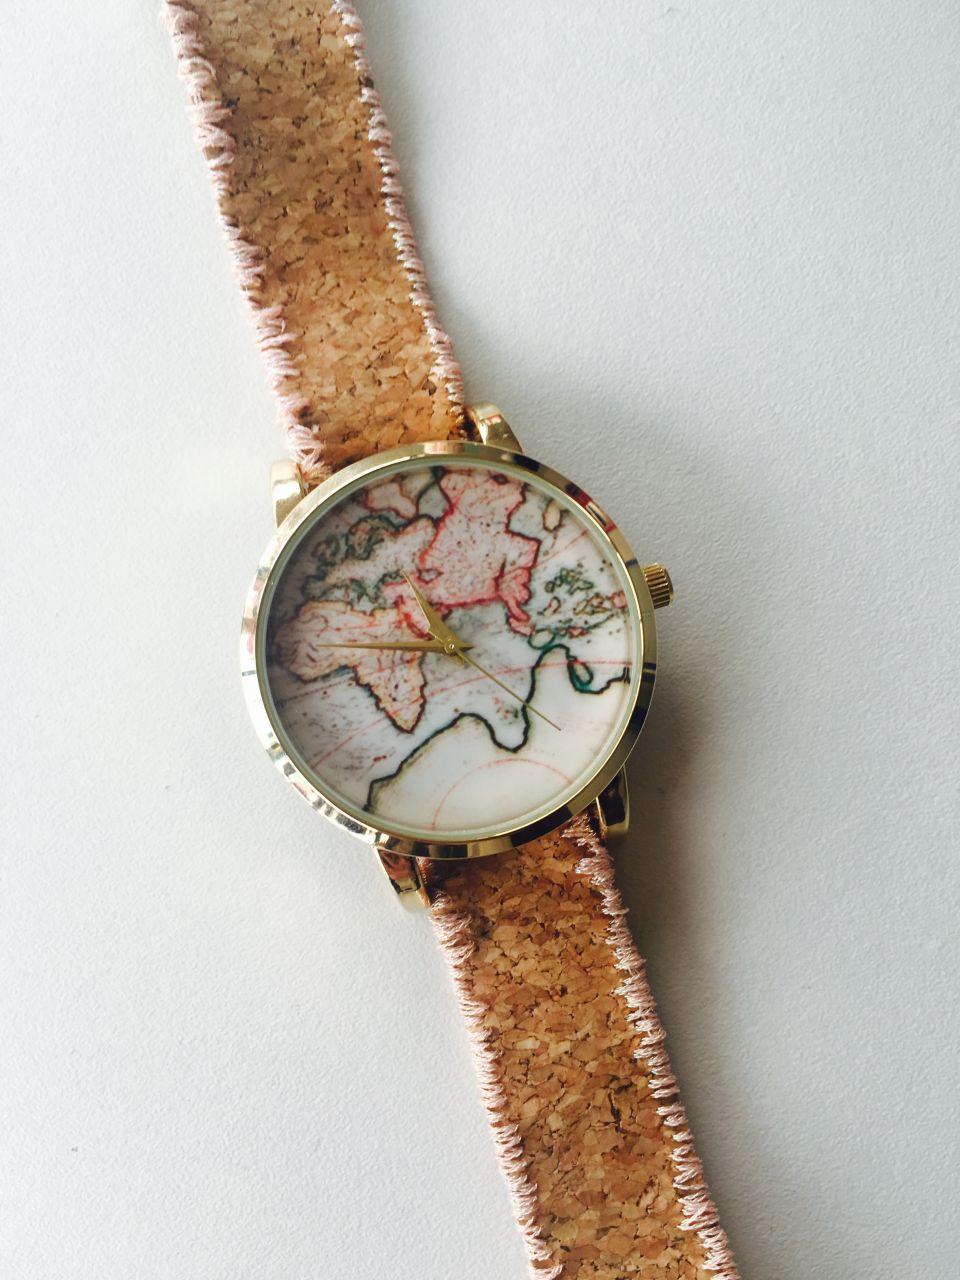 Reloj diy mapa del mundo bordada correa de corcho perles - Tela de corcho ...